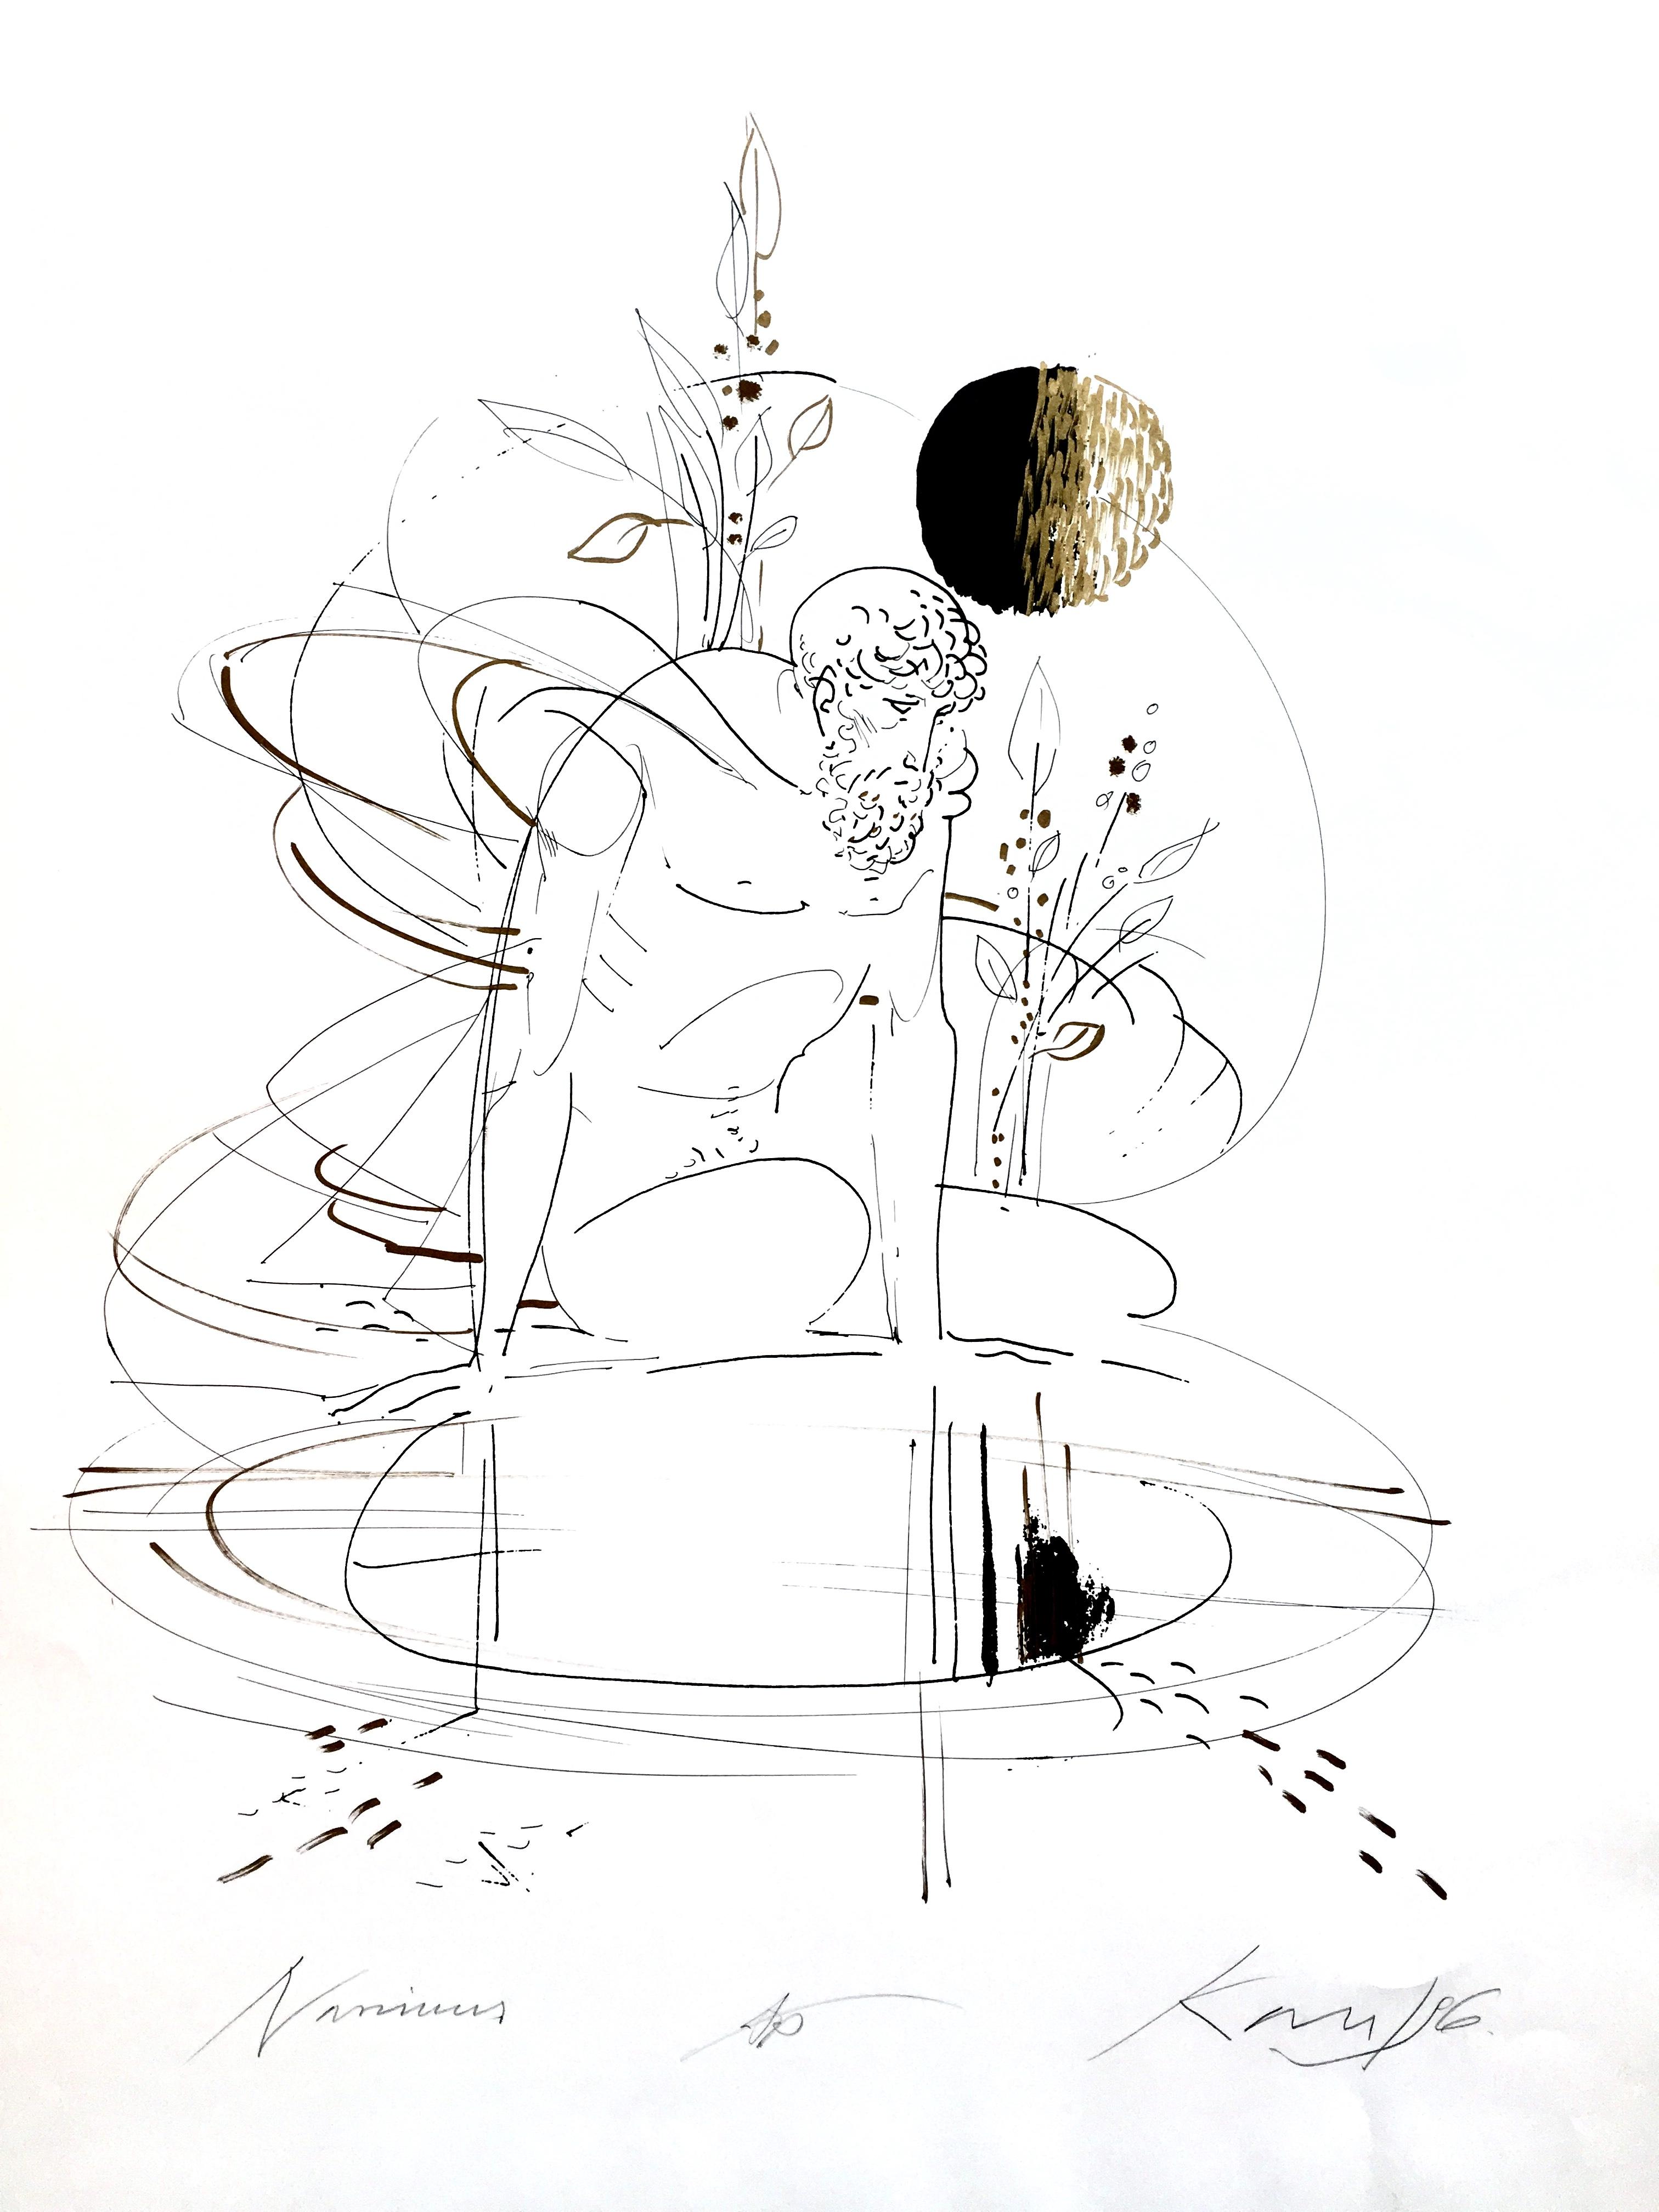 Kass János: Narcissus